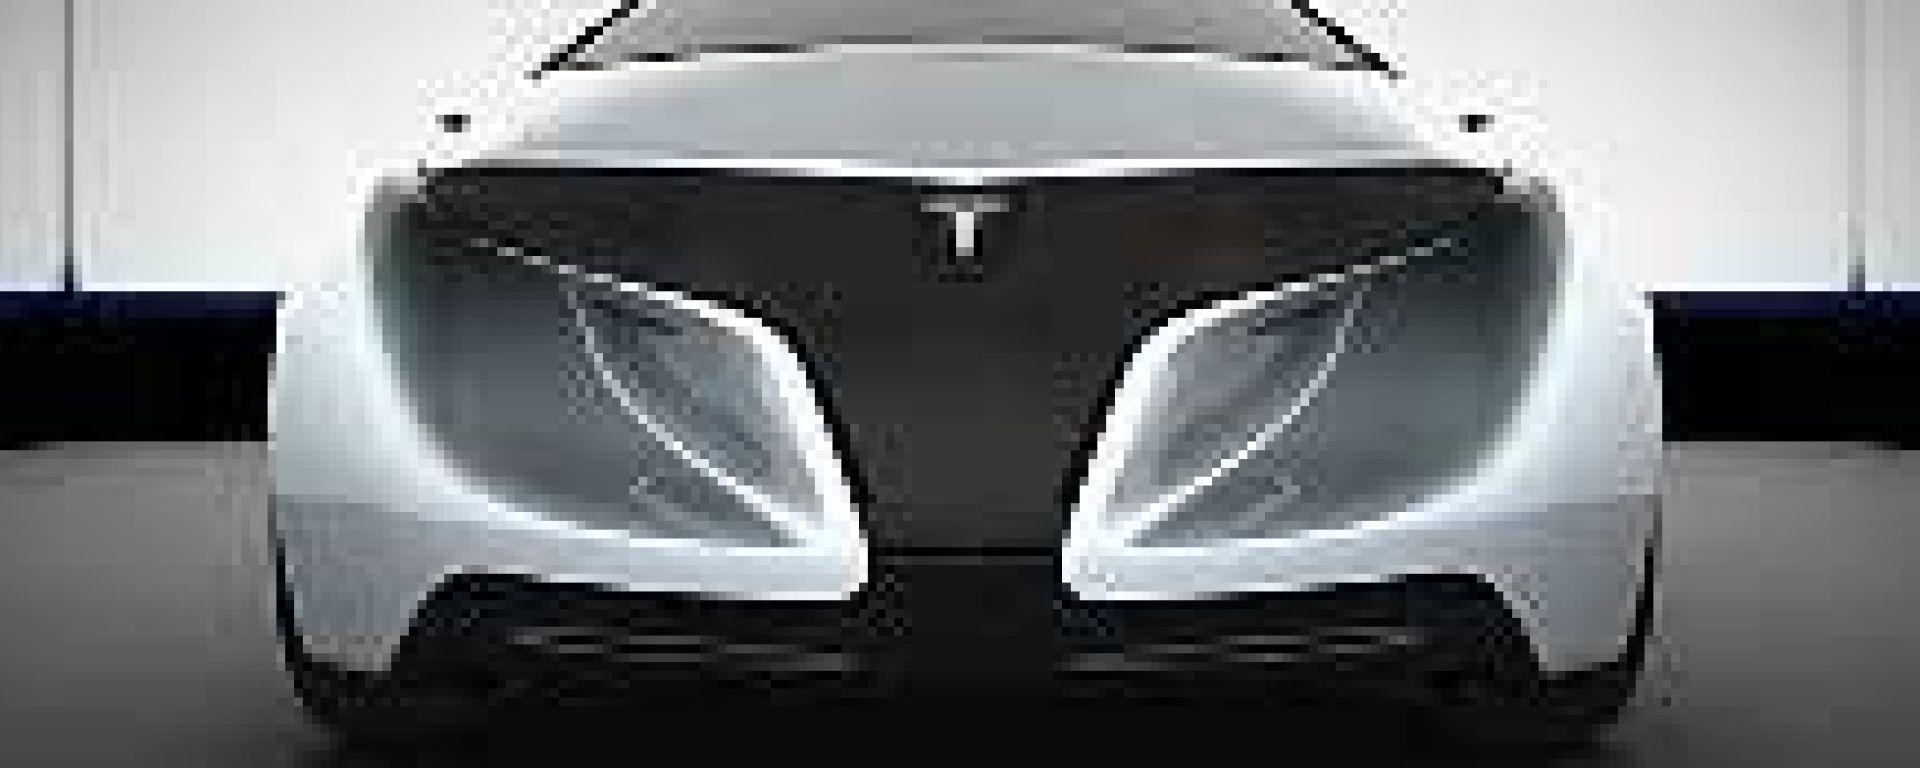 IED:la concept car con Tesla